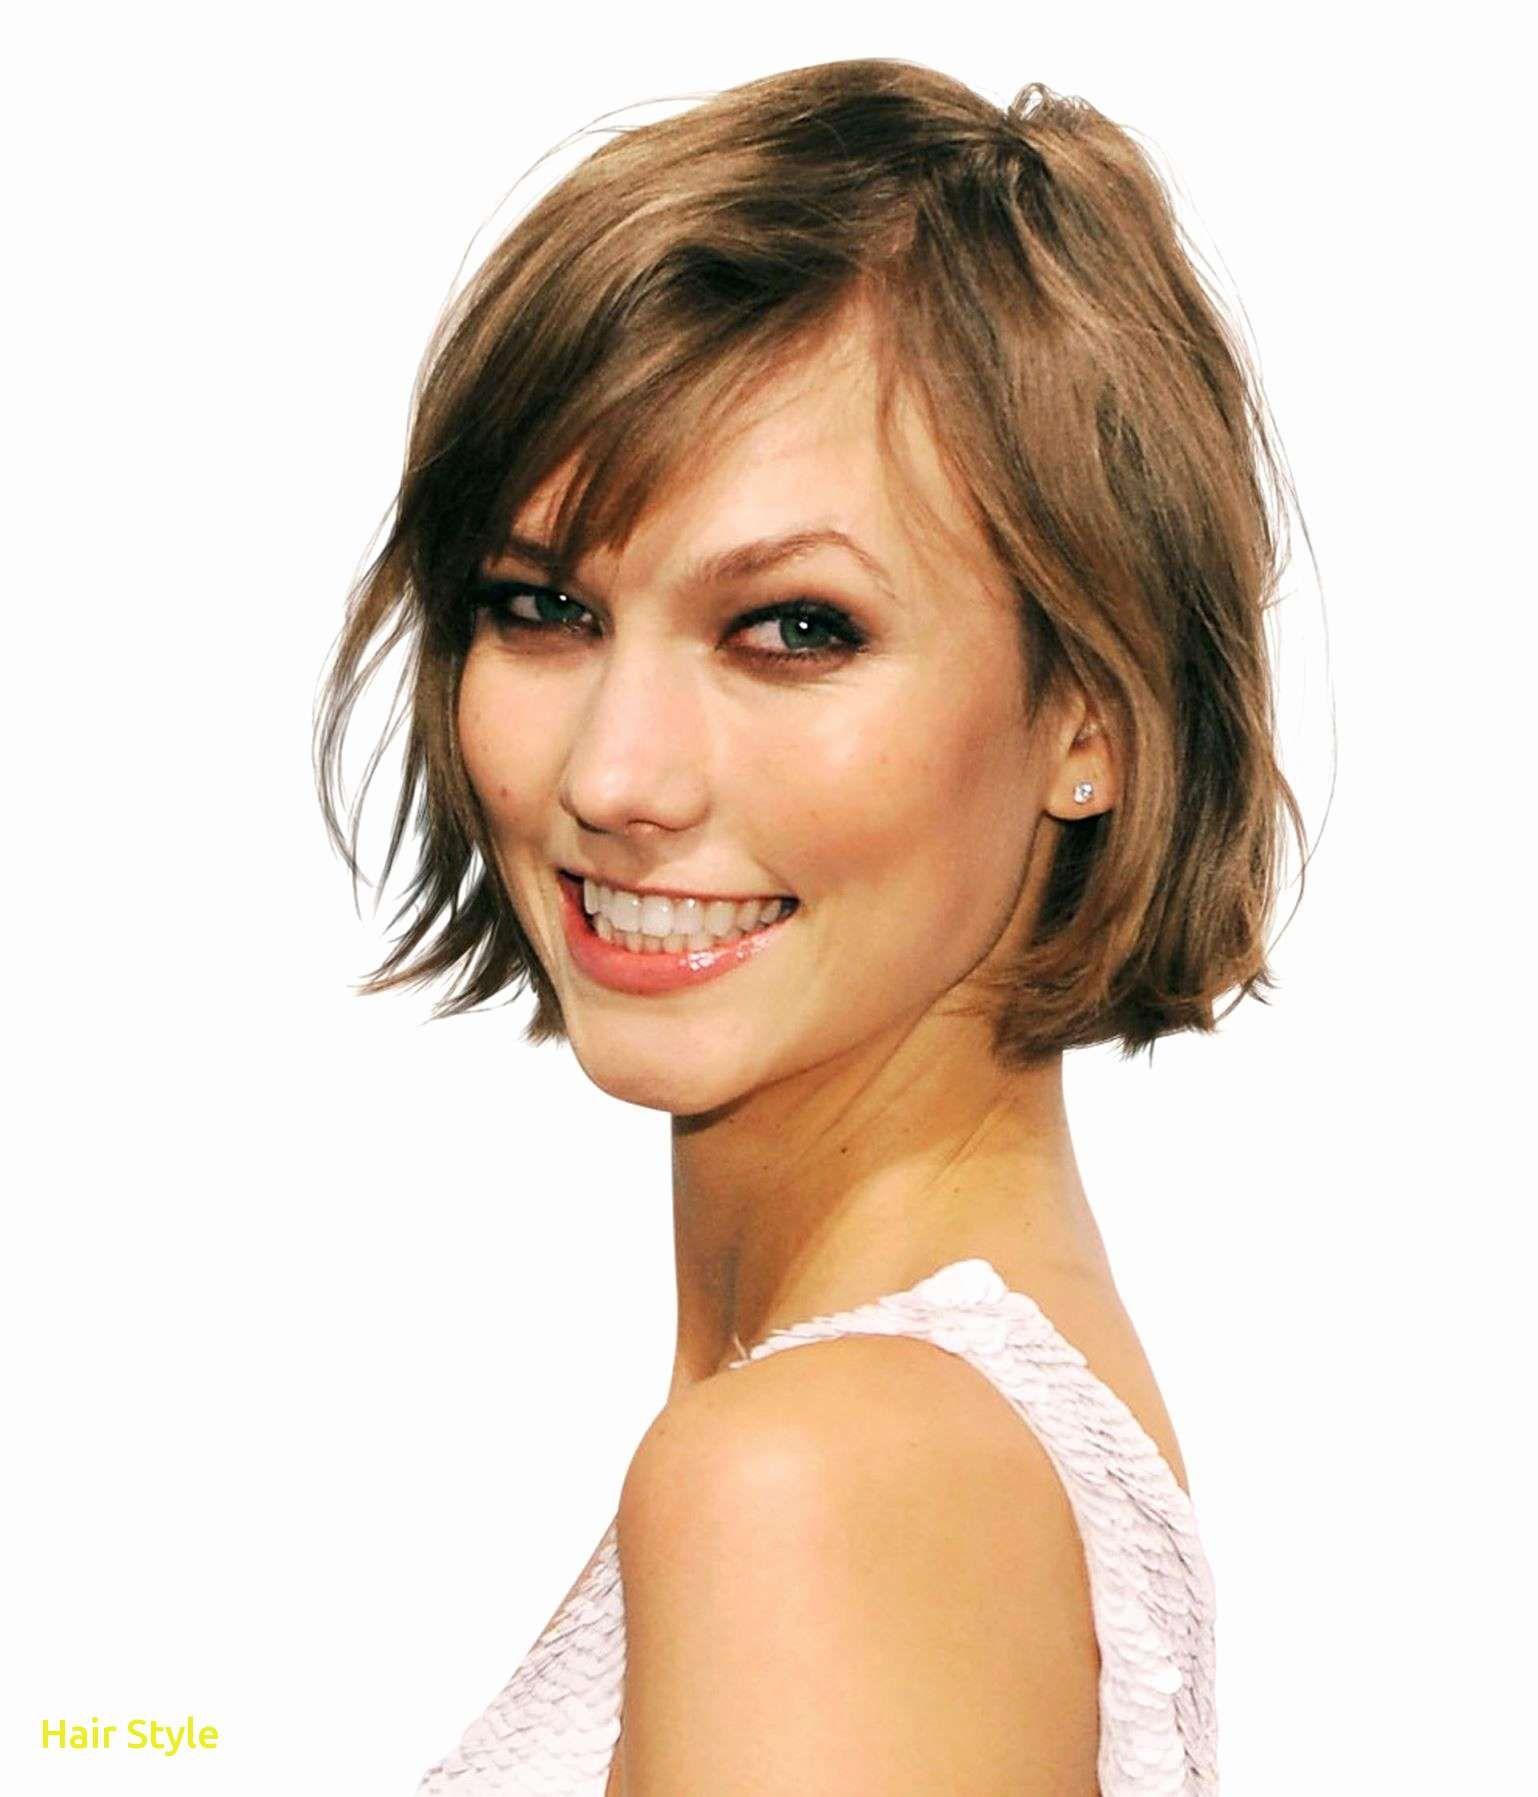 Schöne Neue Frisur 2019 Haartrends 2018 Pinterest Fine Hair